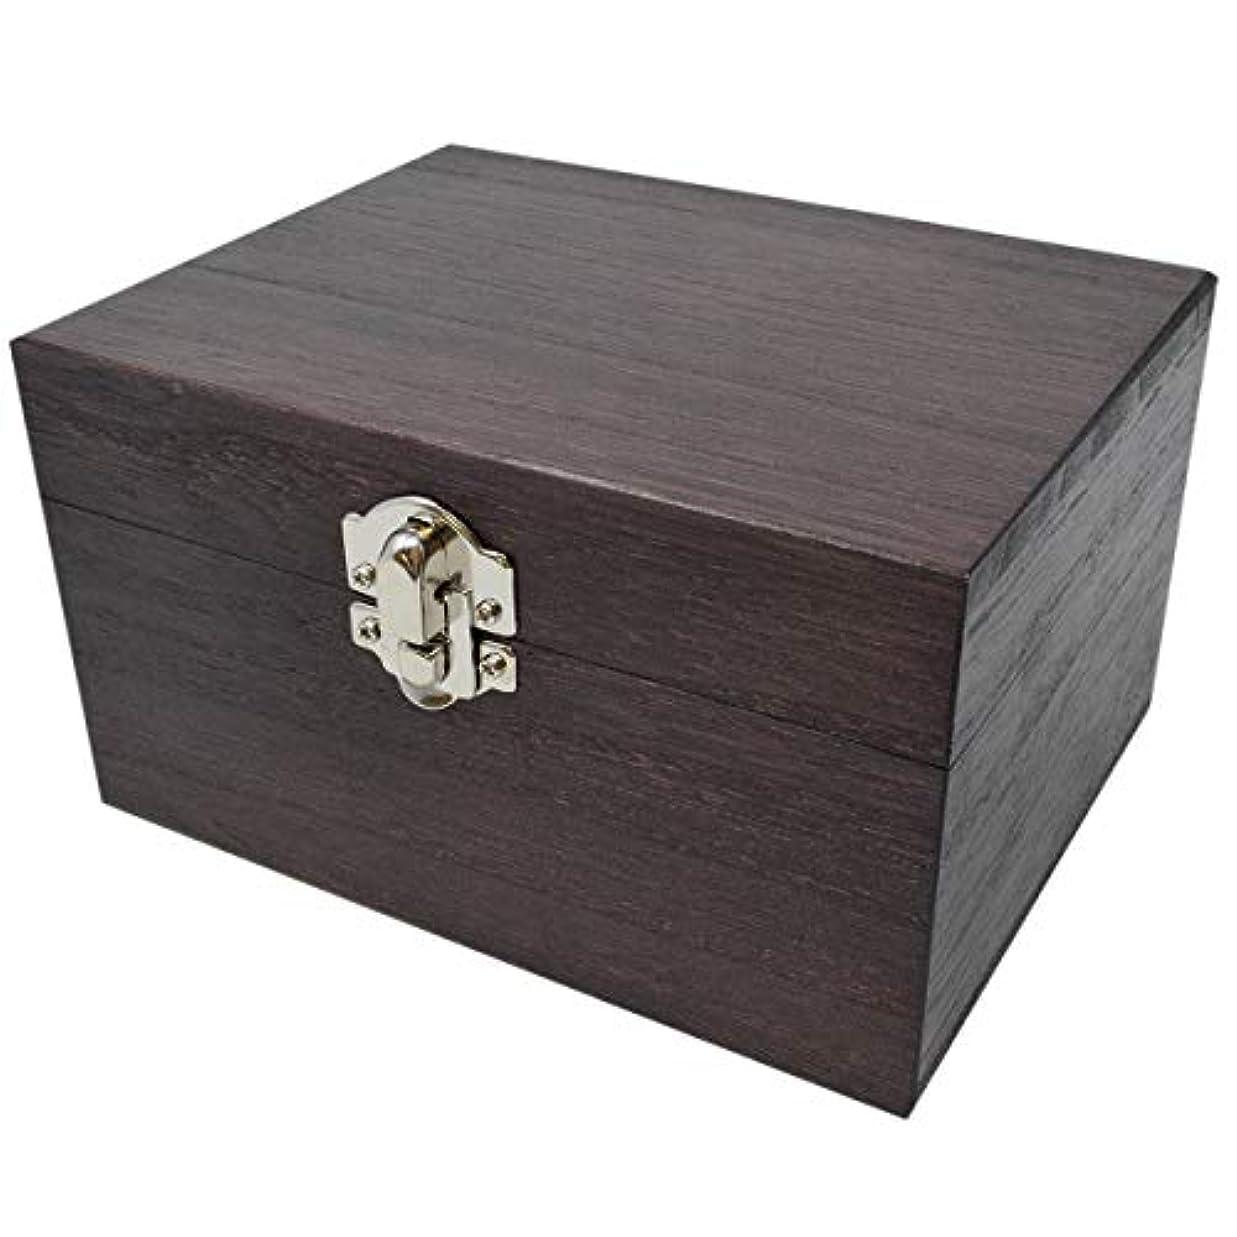 巡礼者比喩二週間ケンソー オイルボックス (小) 桐製 12本収納 ※取っ手なし (健草医学舎 オイルボックス)